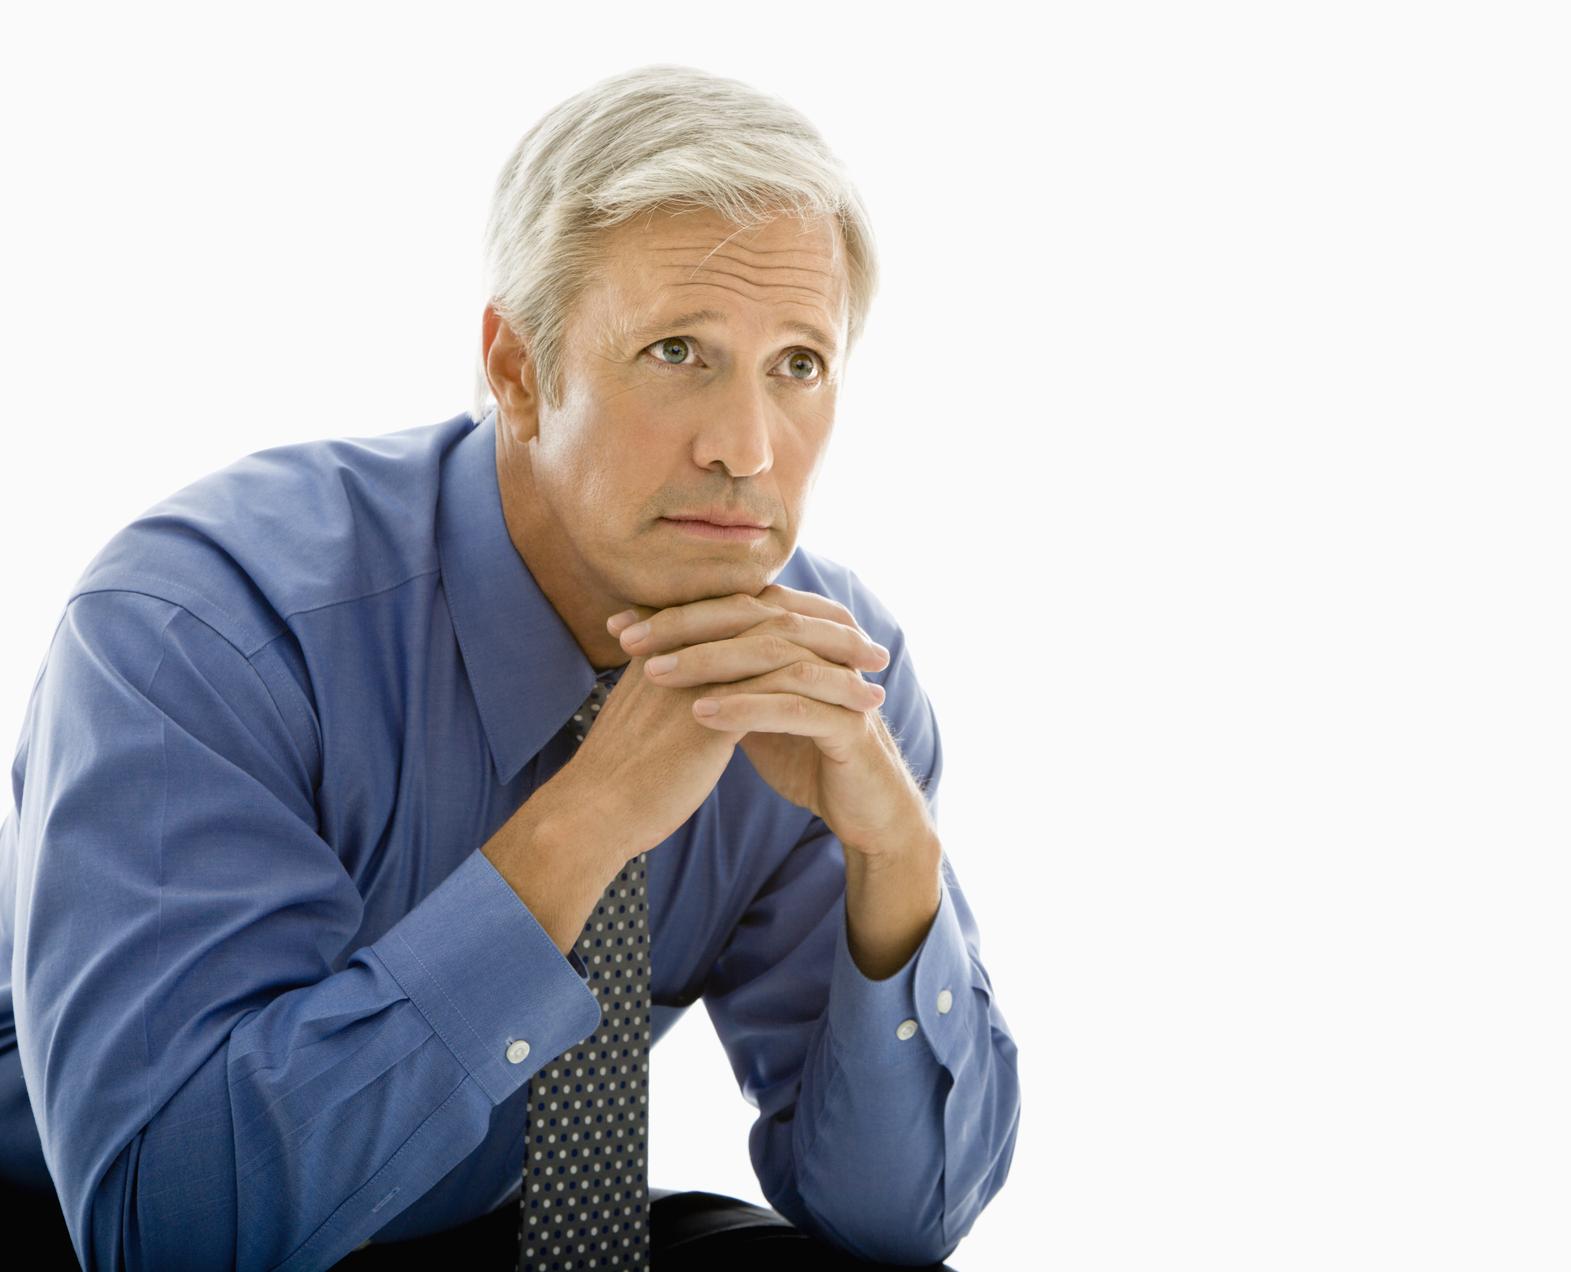 Размер предстательной железы у мужчин норма после 60 лет